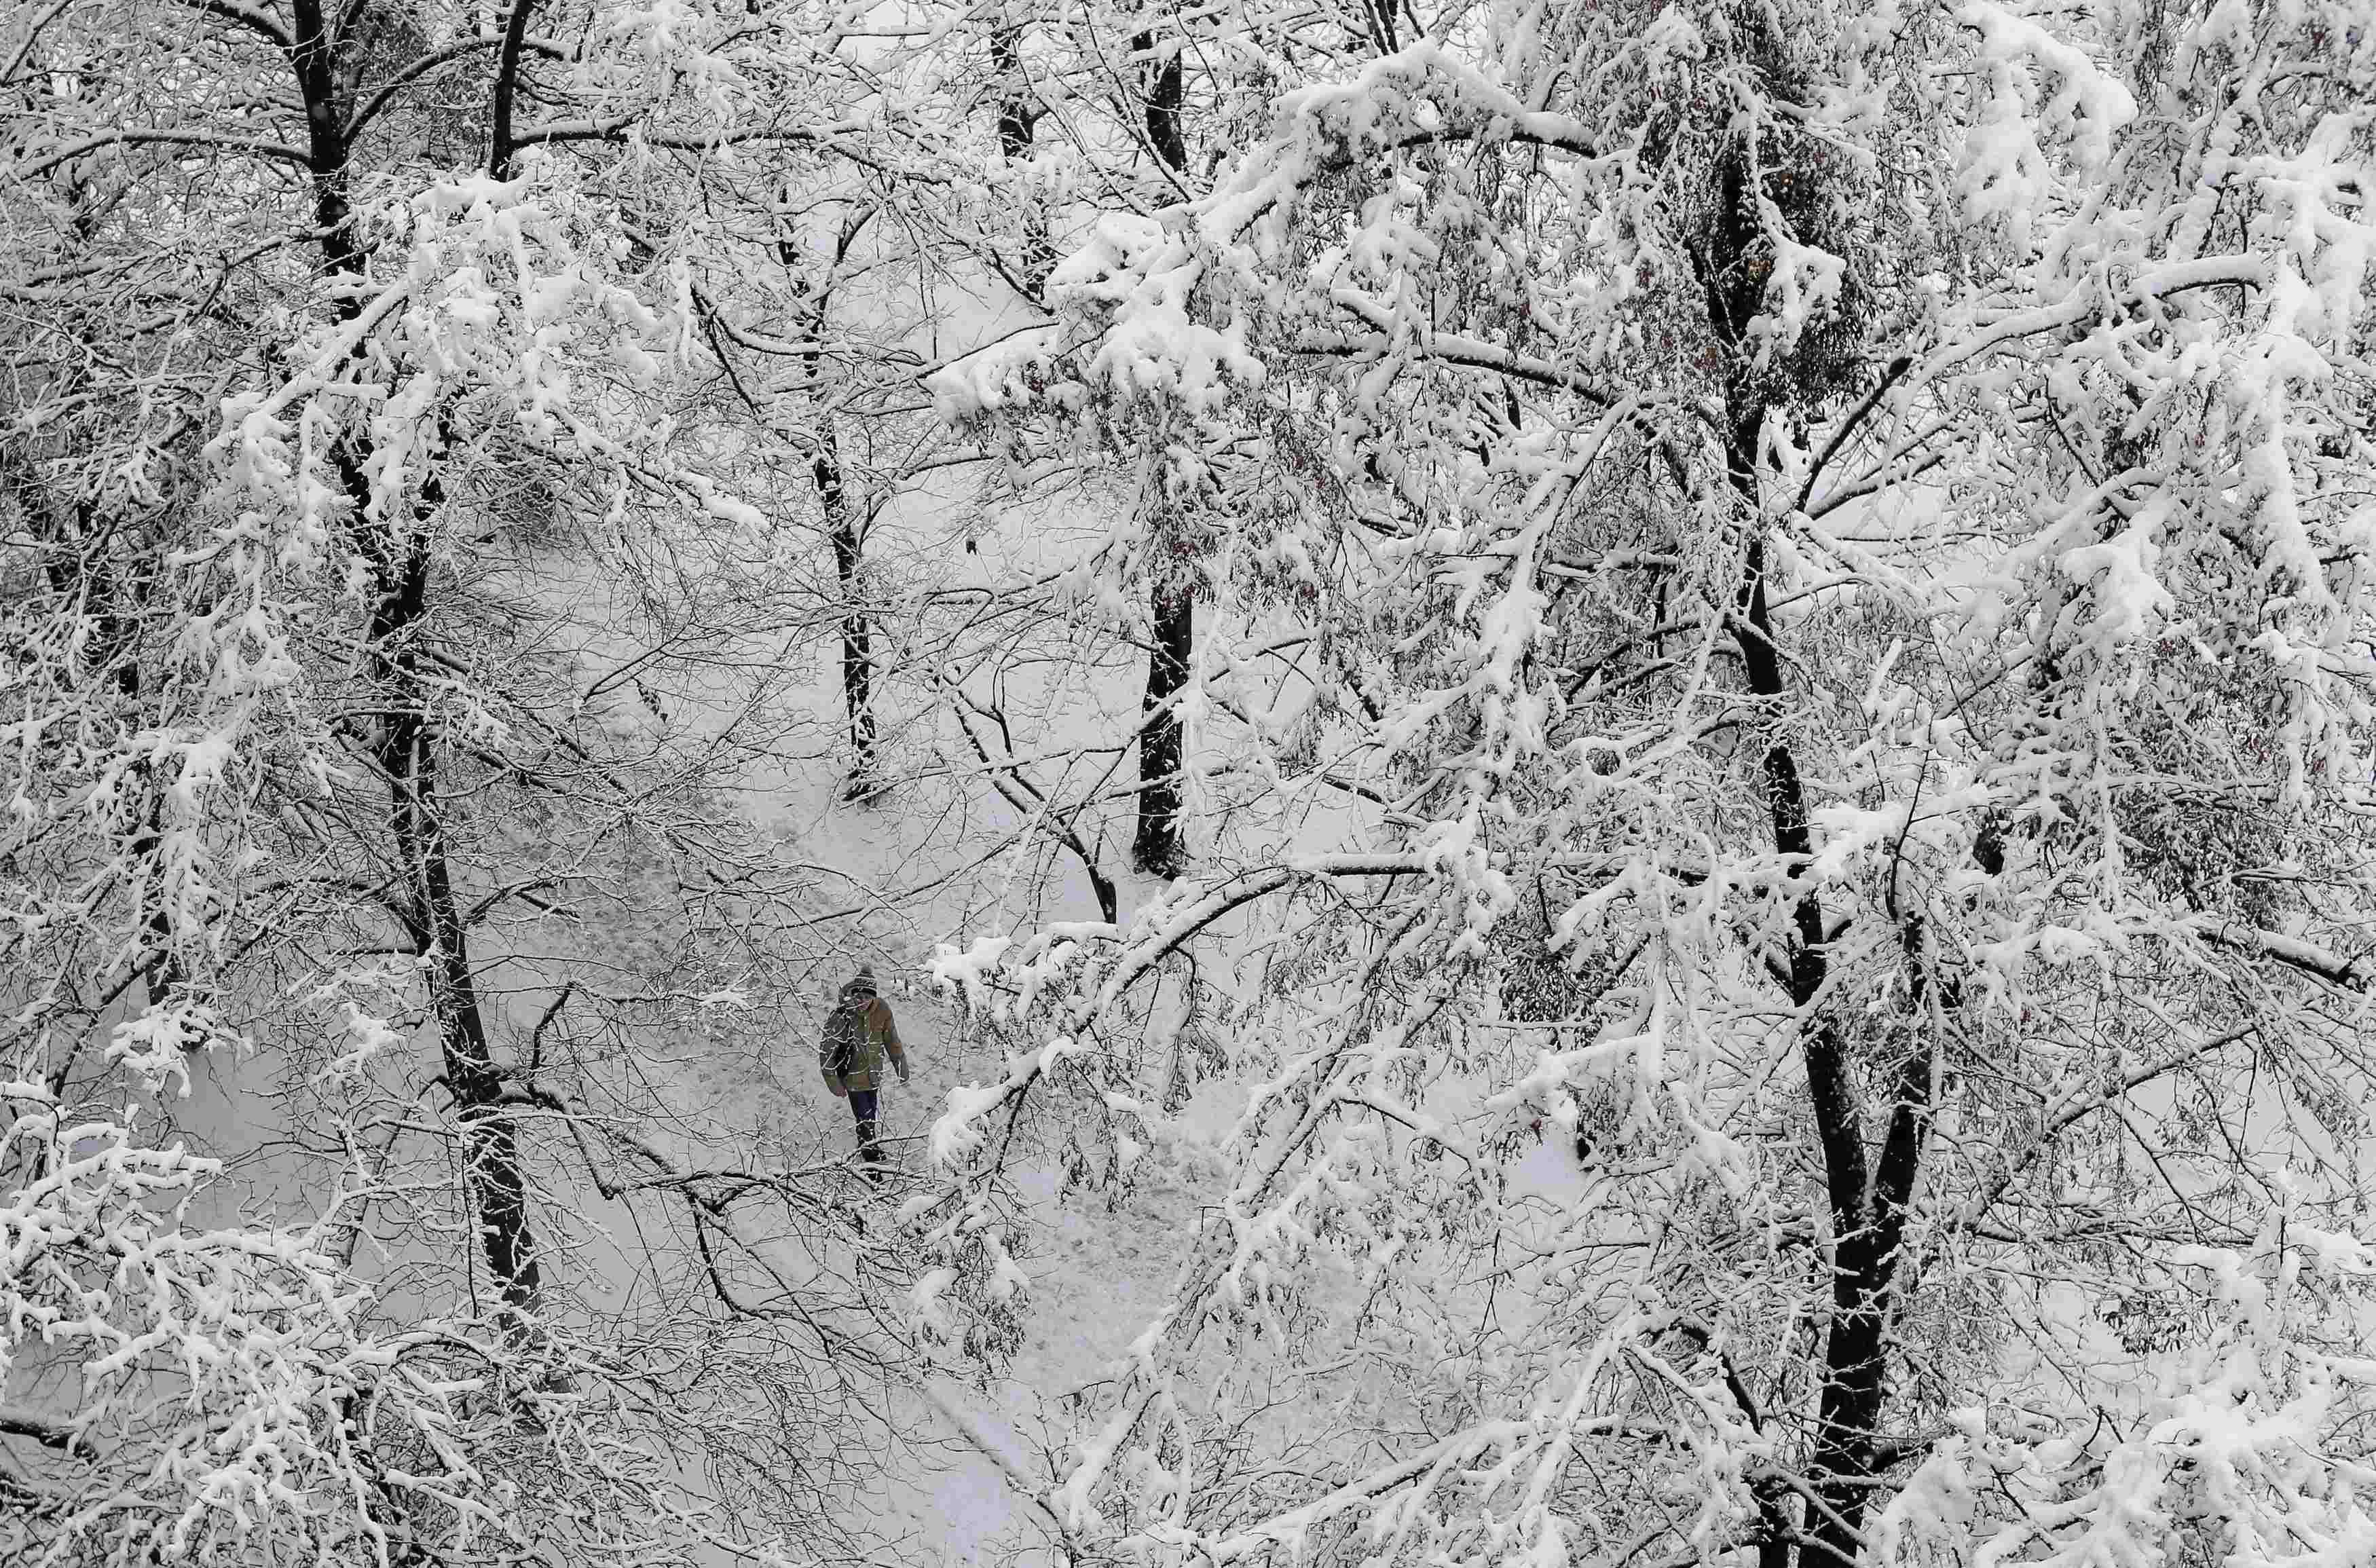 Деревья в снегу, иллюстрация